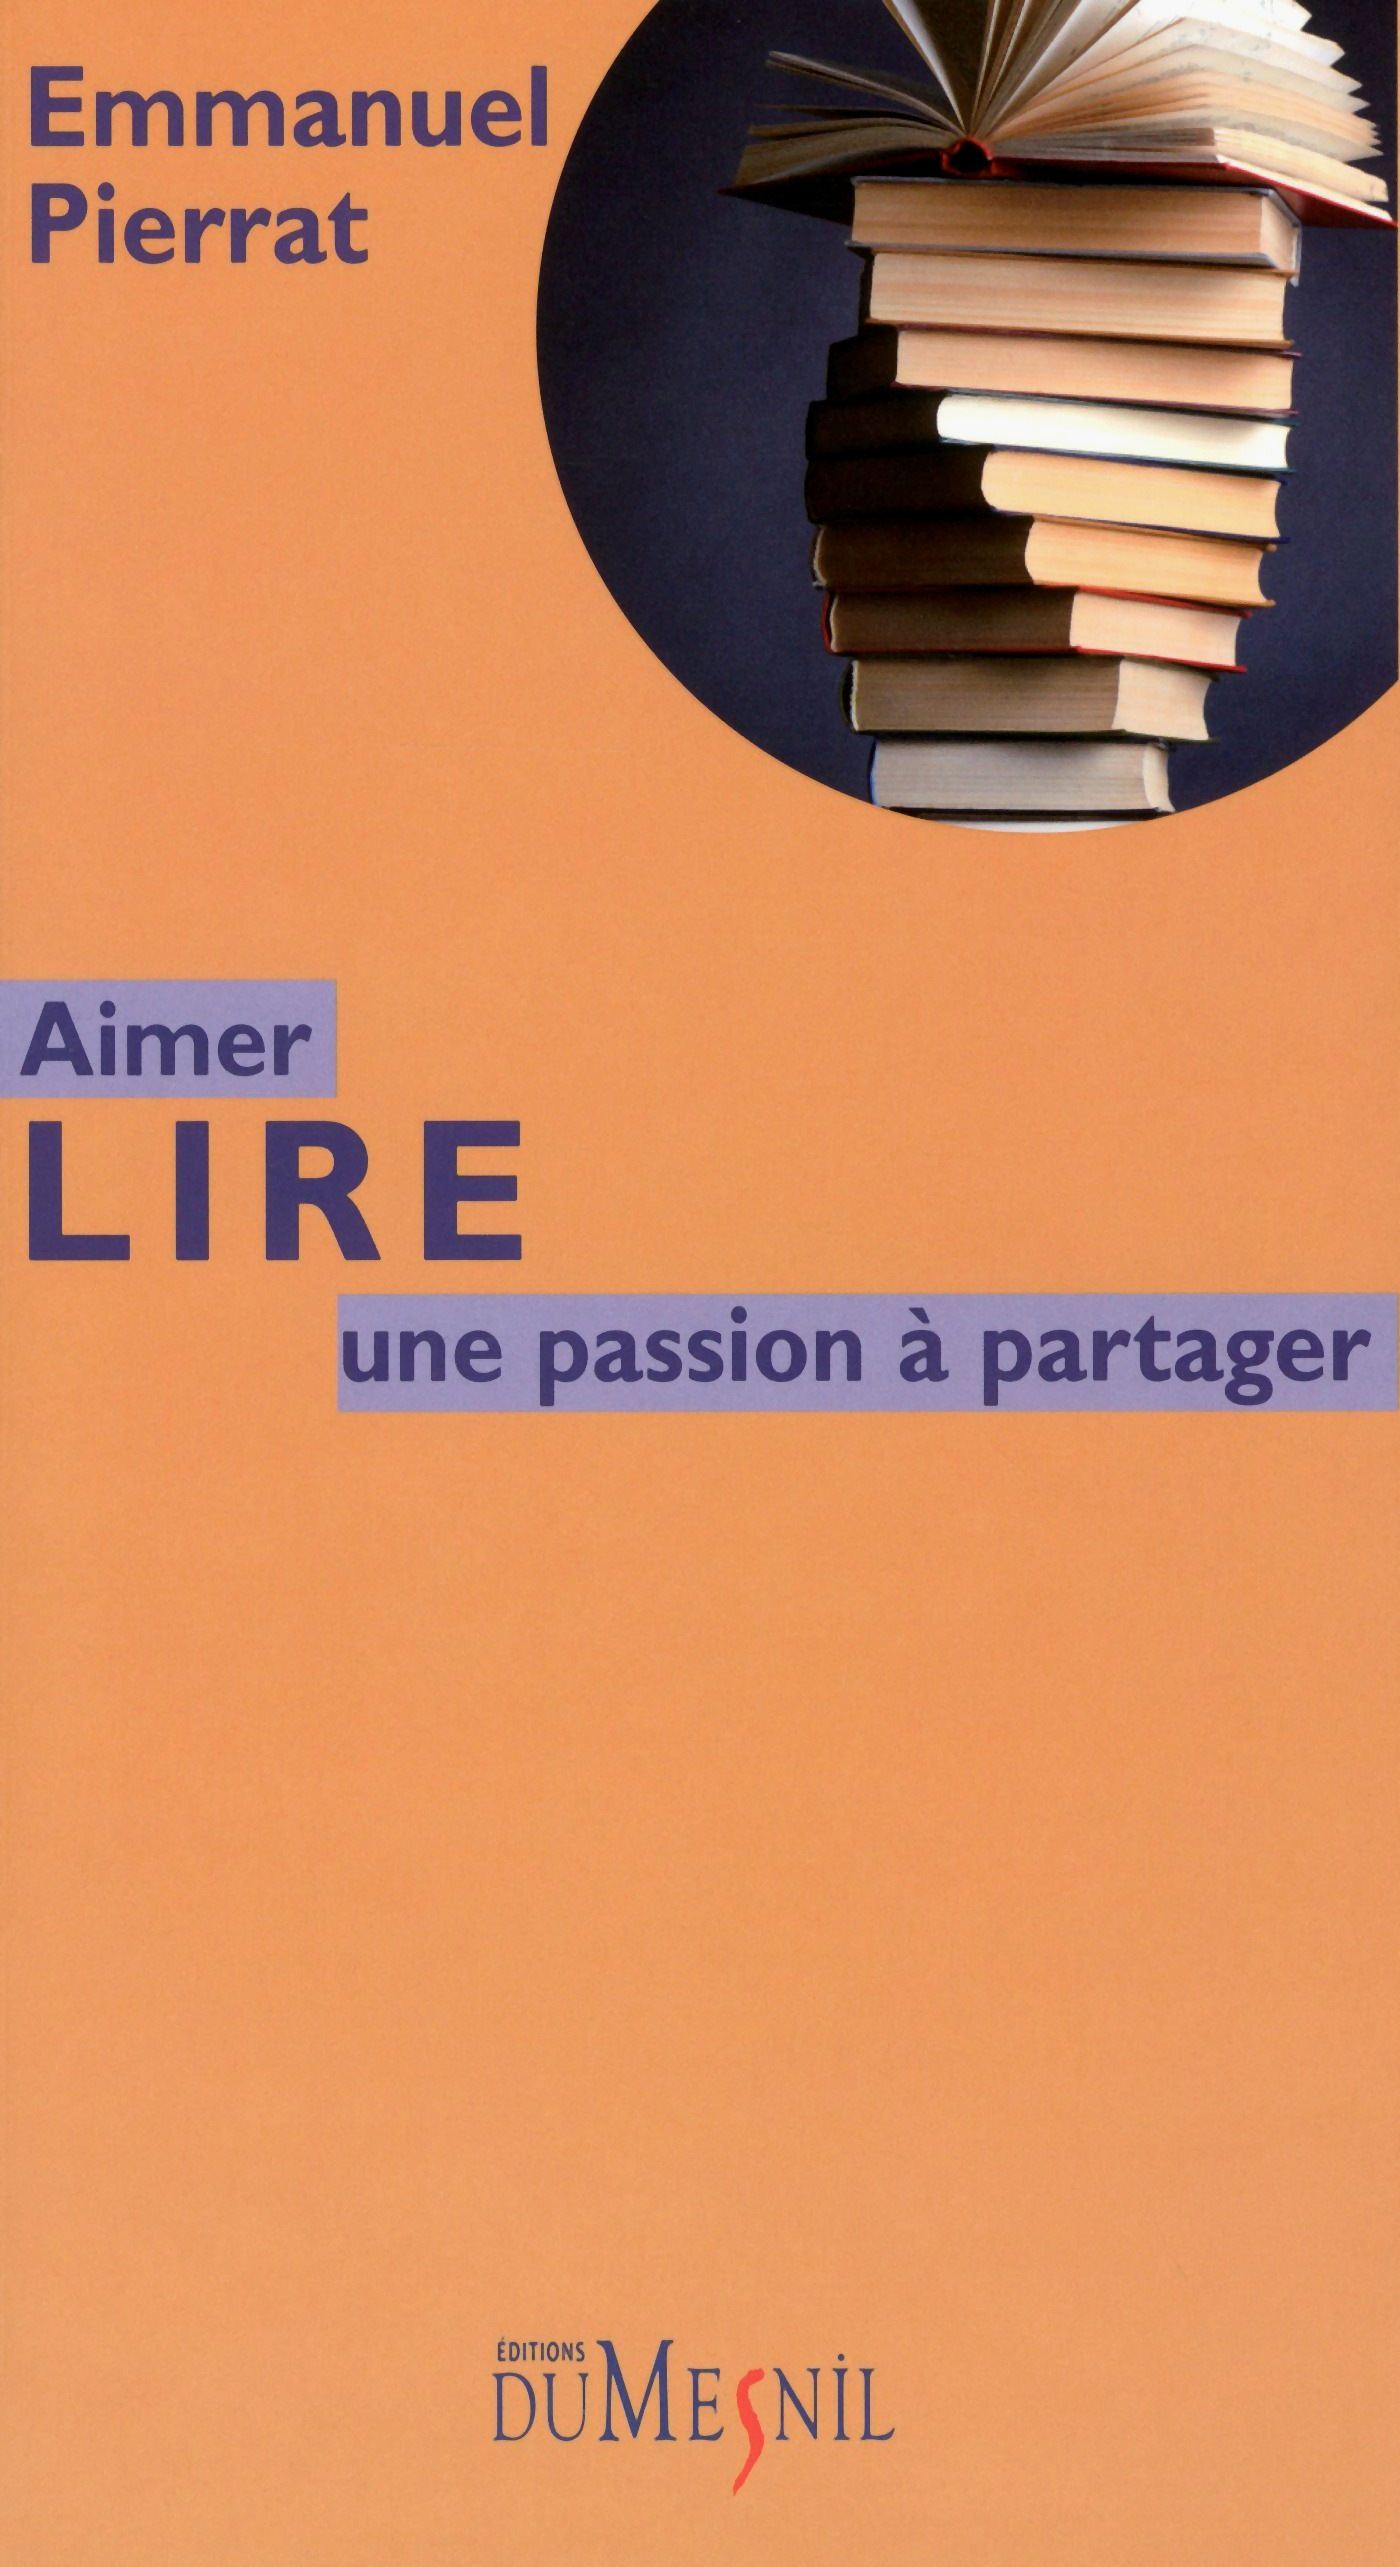 Aimer lire, UNE PASSION À PARTAGER